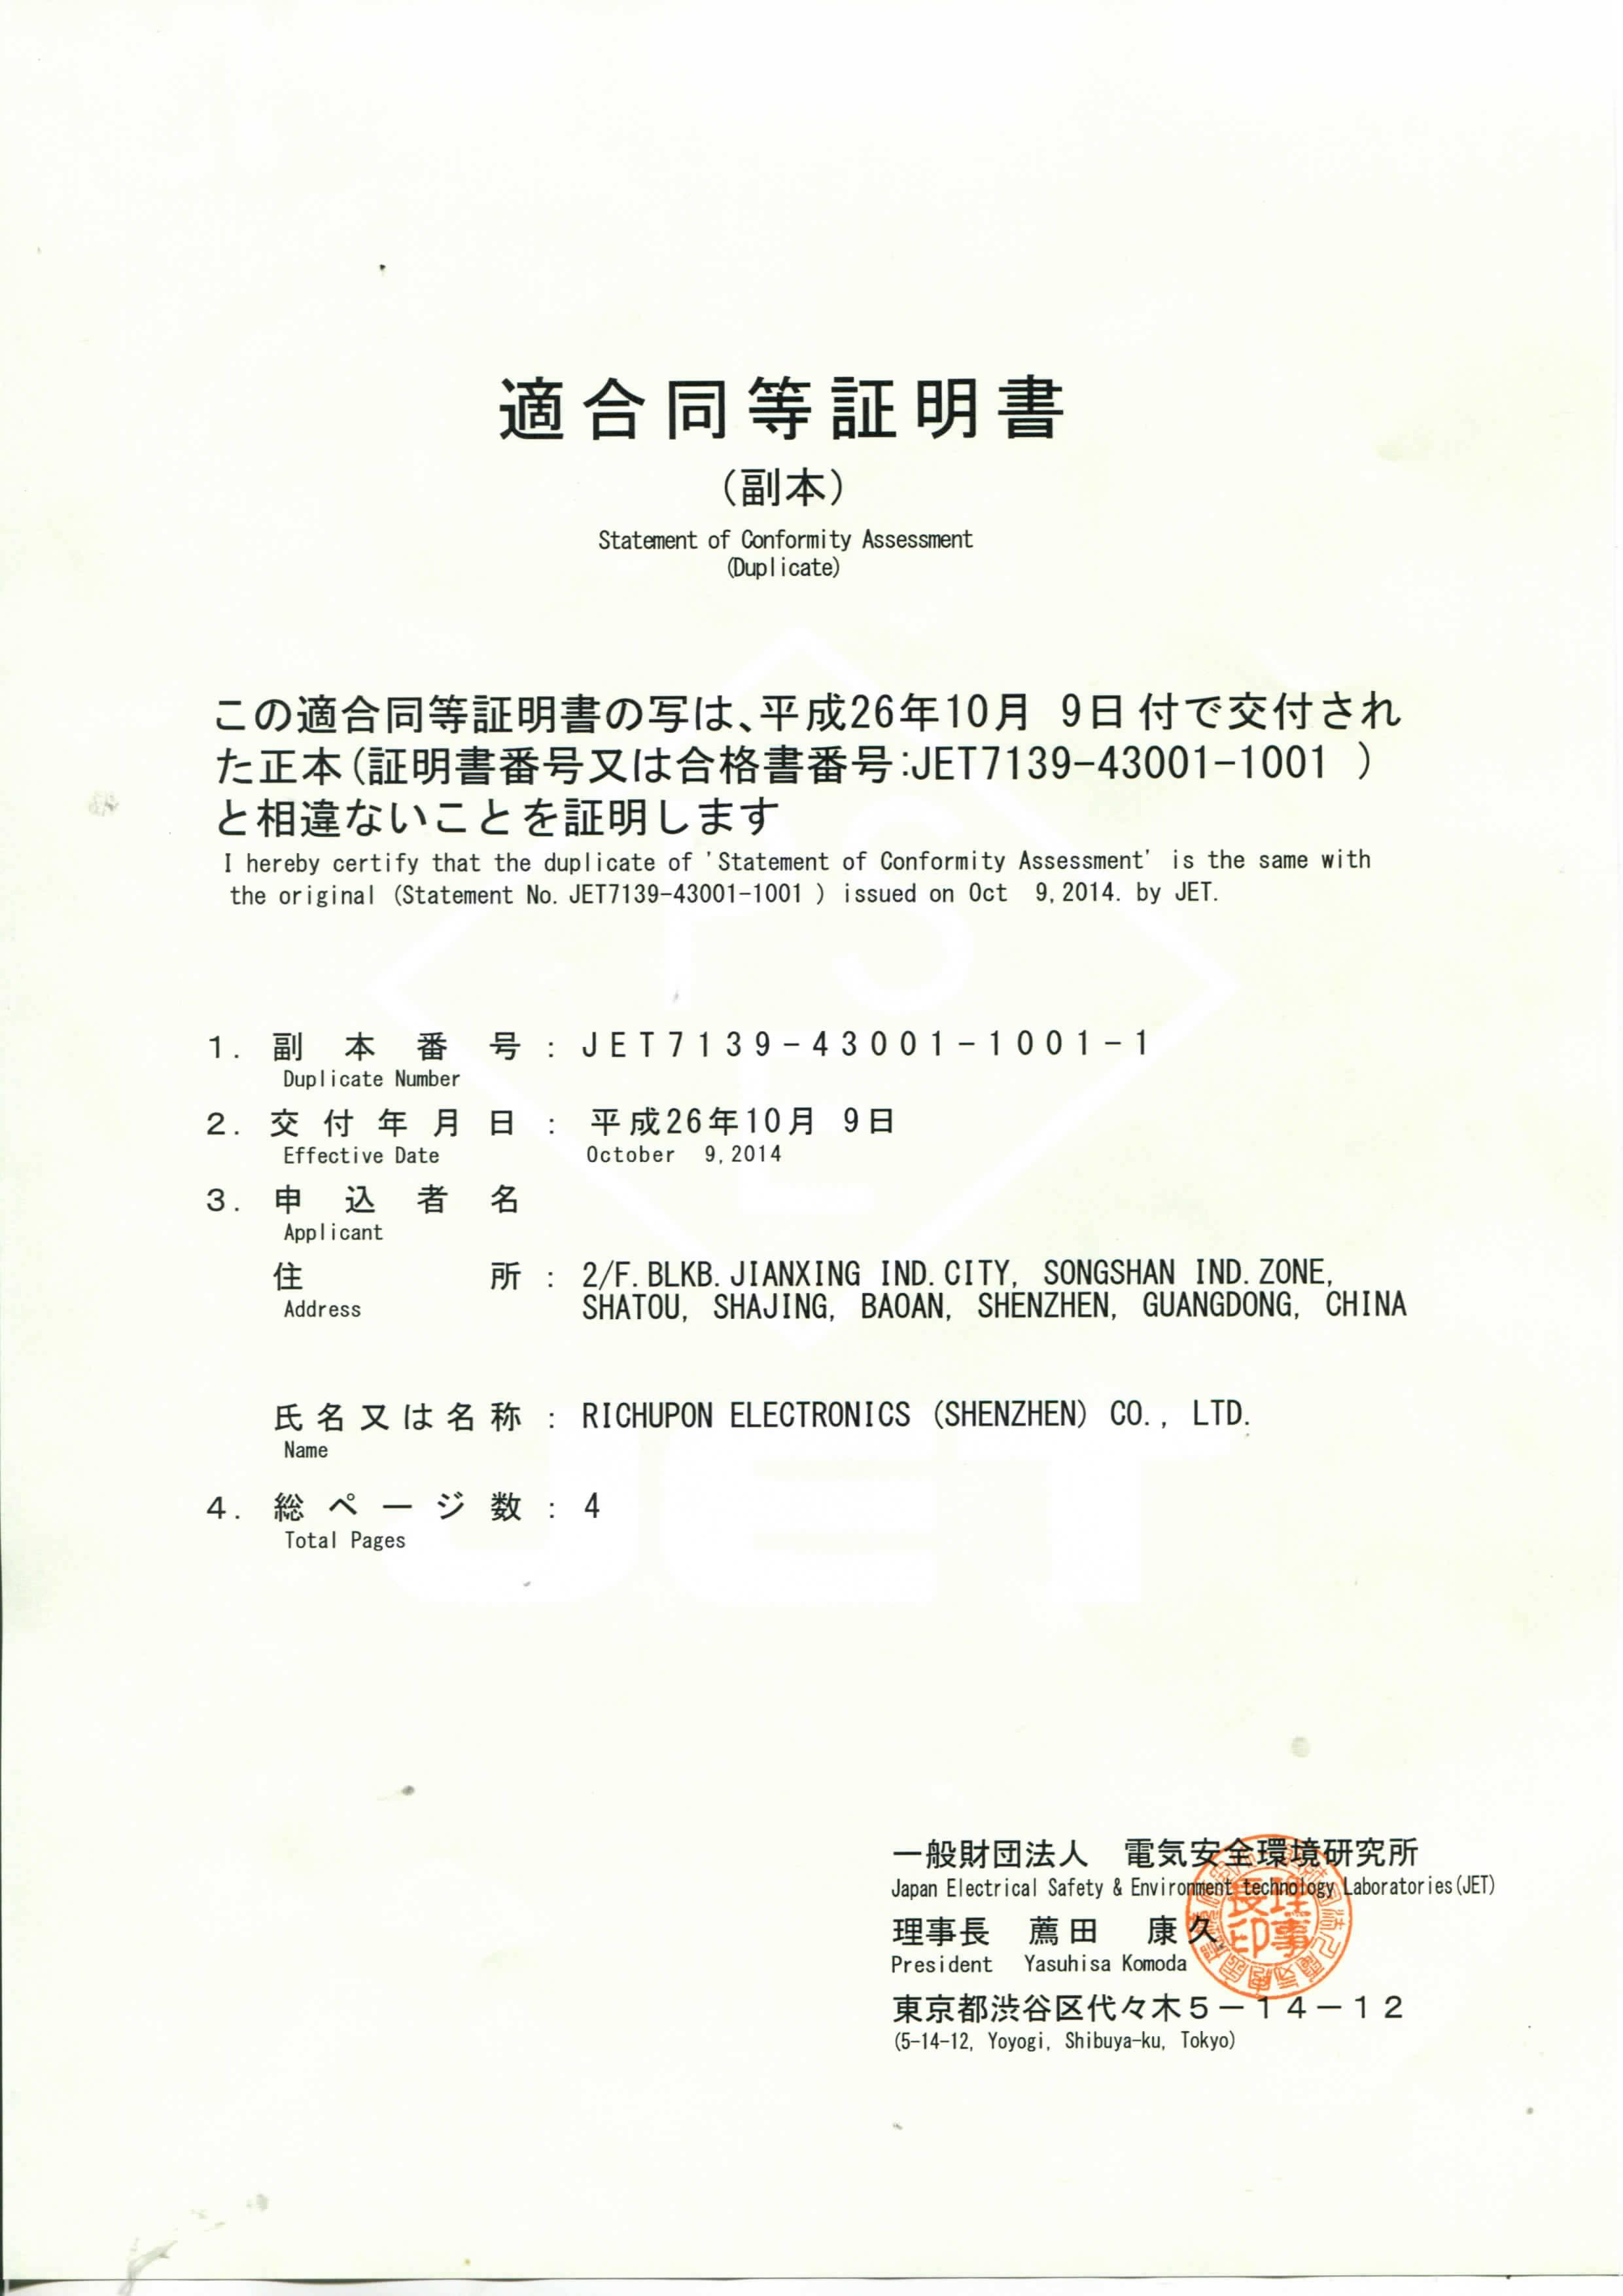 容川博荣获PSE 认证